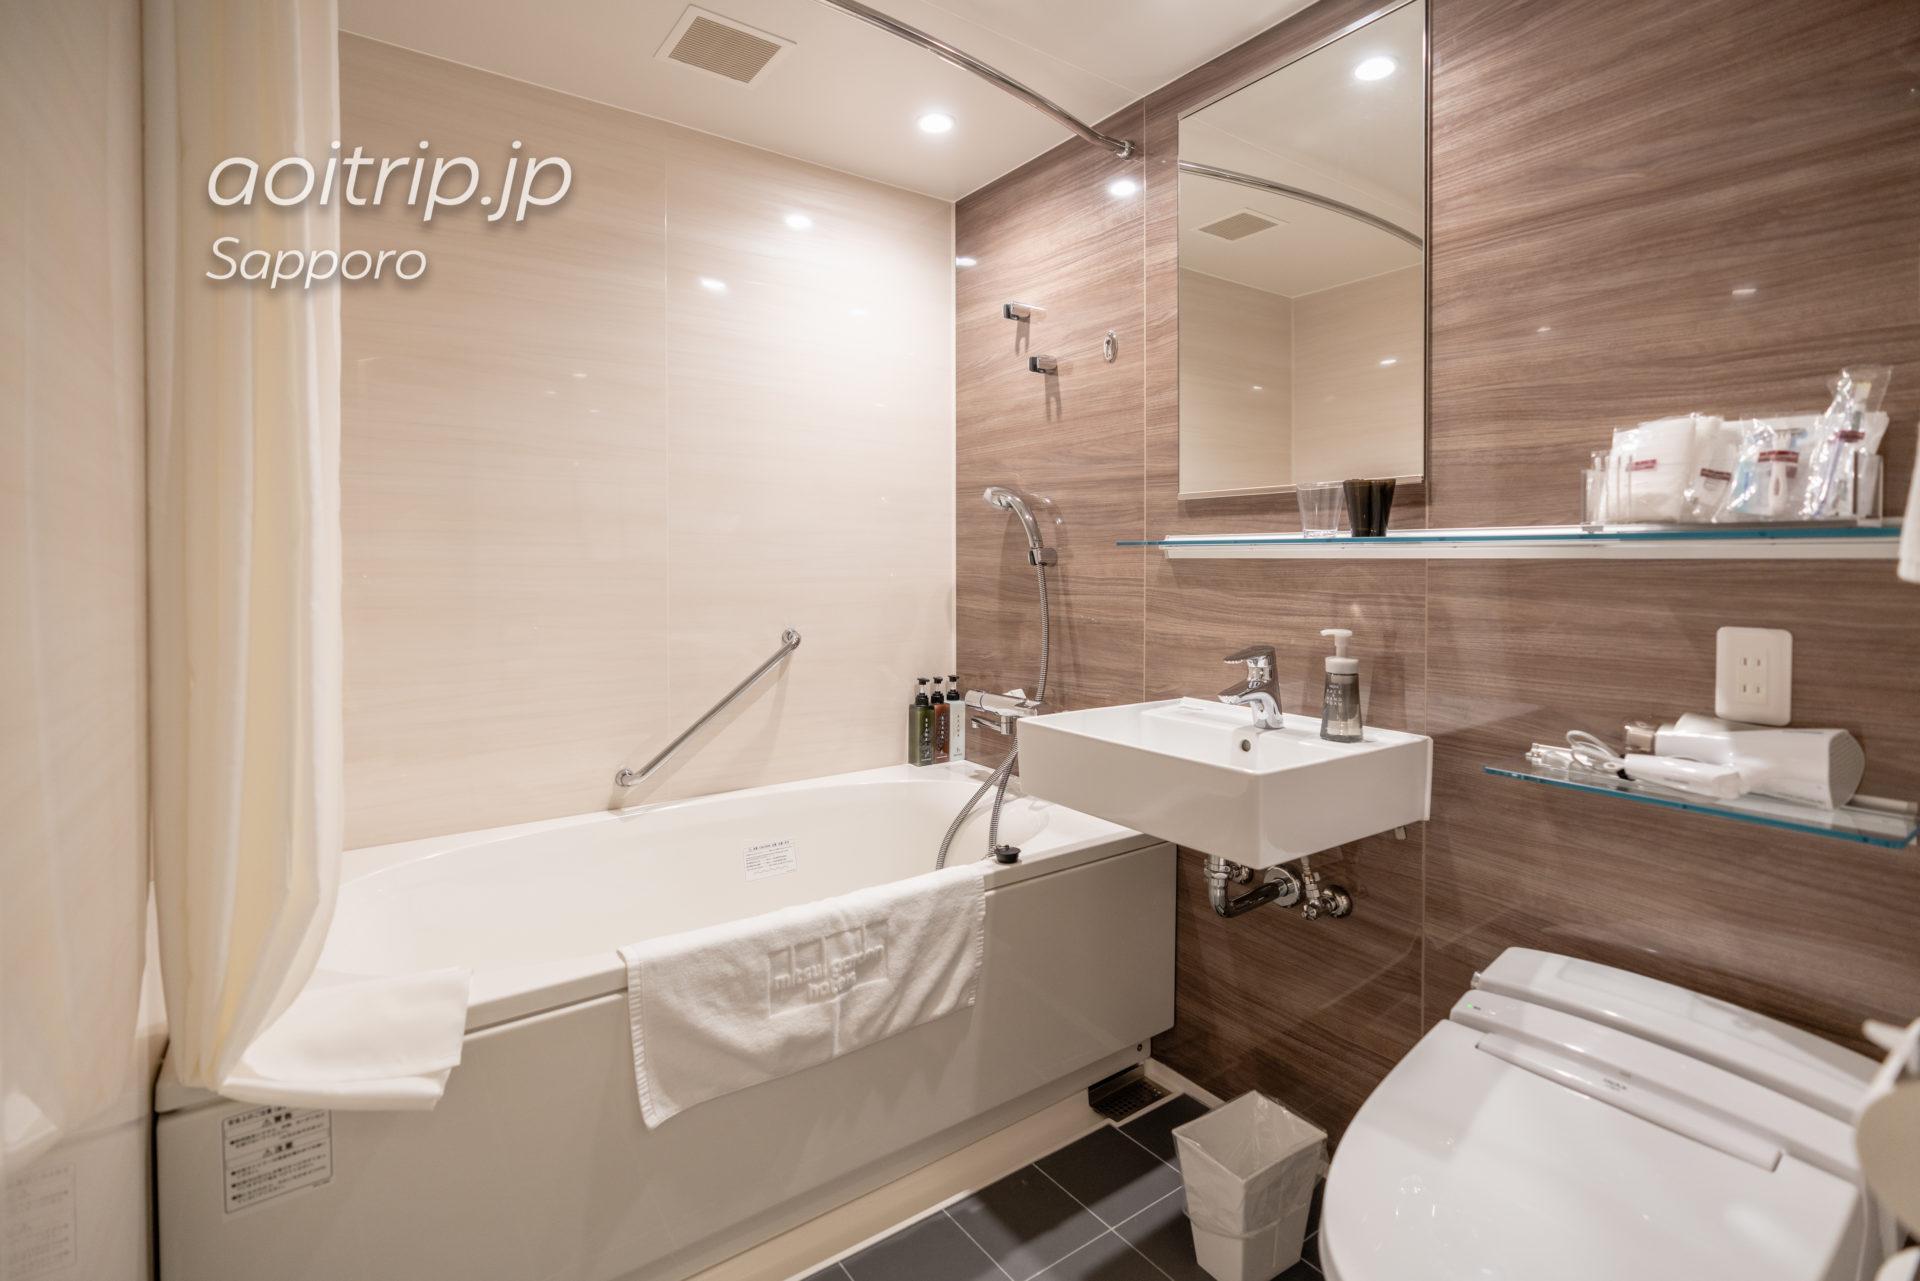 三井ガーデンホテル札幌ウエスト バスルーム